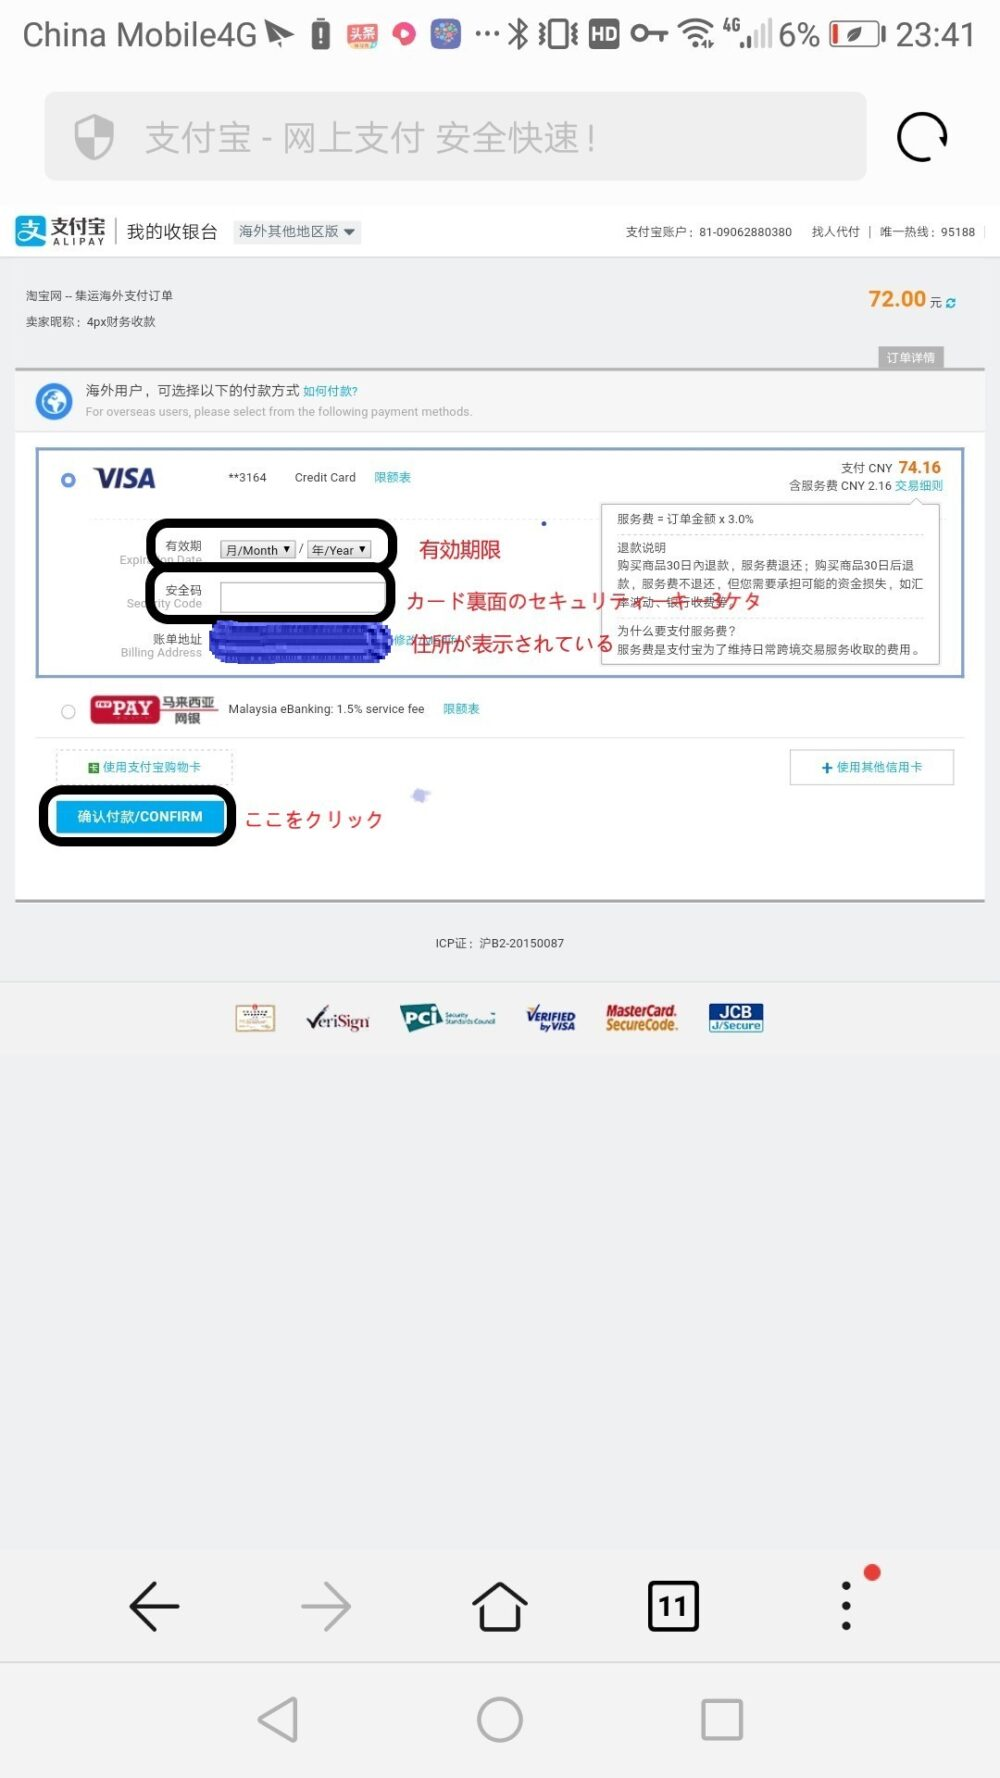 タオバオのサイトでクレジットカード情報するために有効期限とカード裏面のセキュリティコード3桁を登録しているところをスクリーンショットした画像